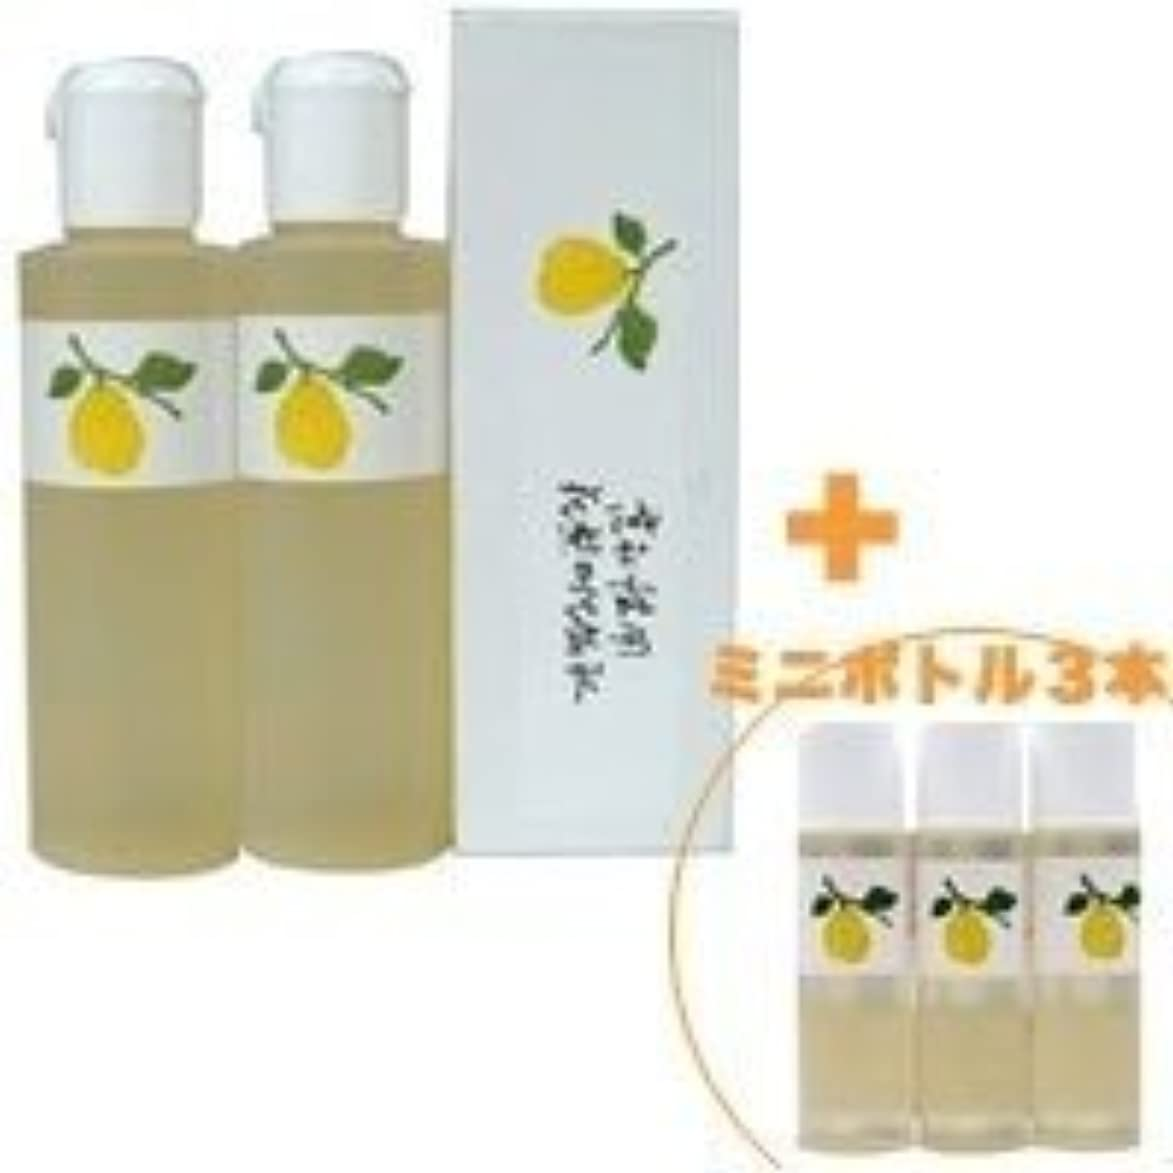 傷跡納屋考え花梨の化粧水 200ml 2本&ミニボトル 3本 美容液 栄養クリームのいらないお肌へ 保湿と乾燥対策に